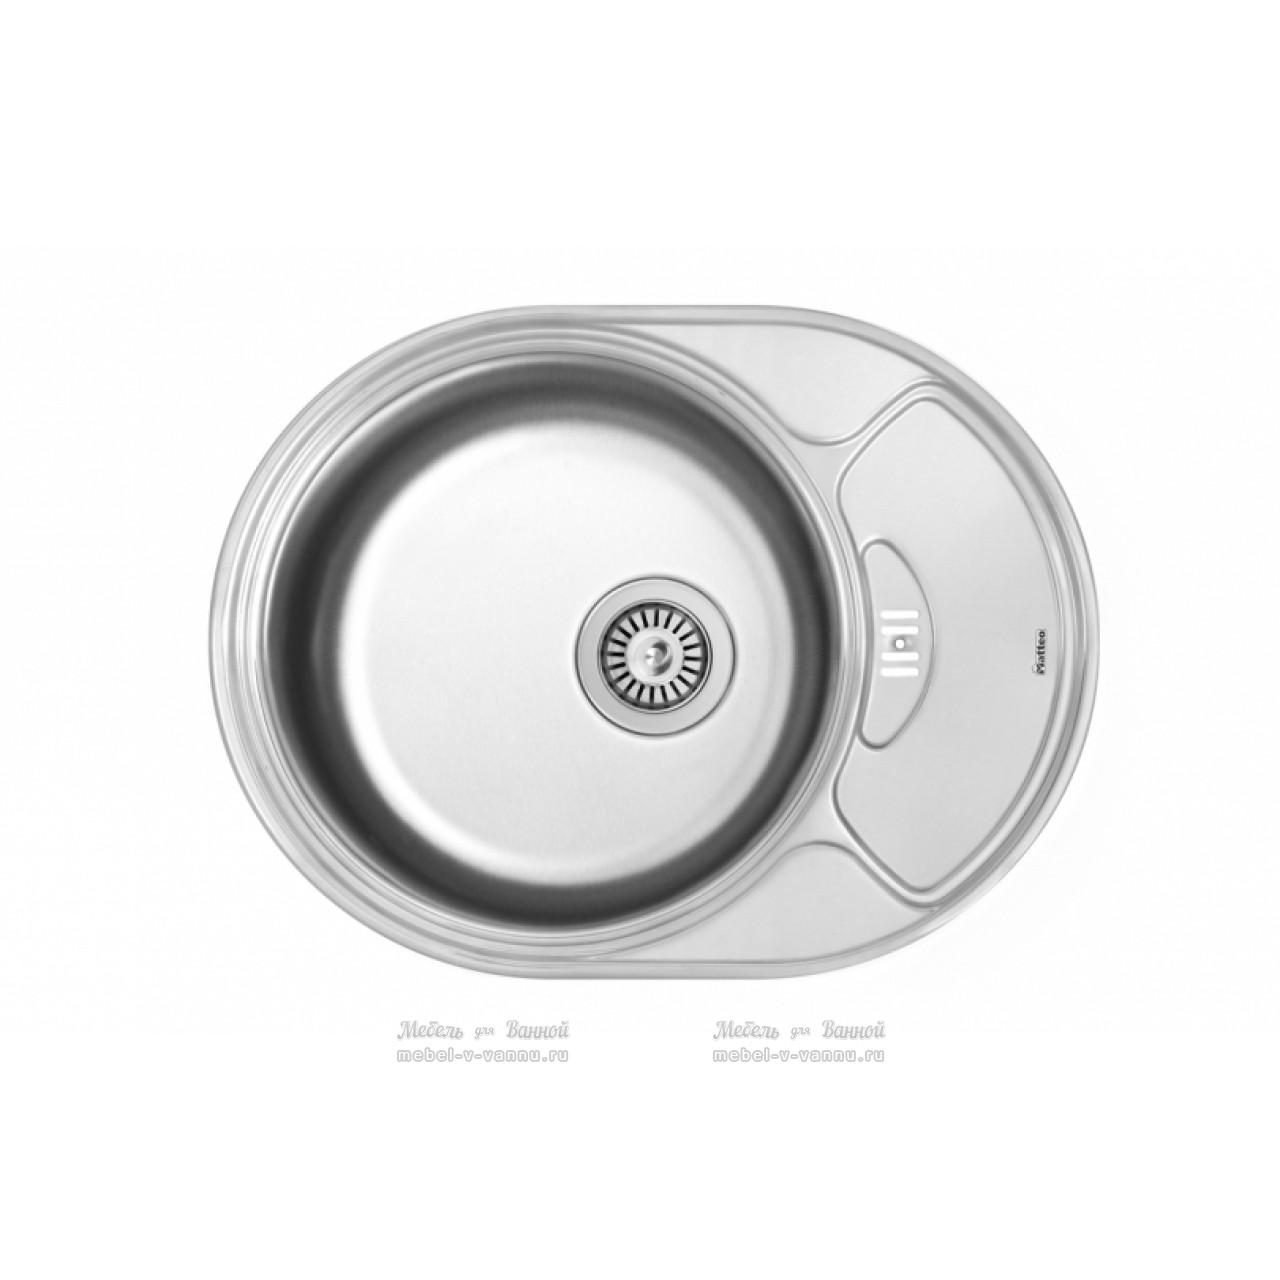 Мойка для кухни Matteo 5844A (COSTA DOLCE A) купить в Москве по цене от 3260р. в интернет-магазине mebel-v-vannu.ru